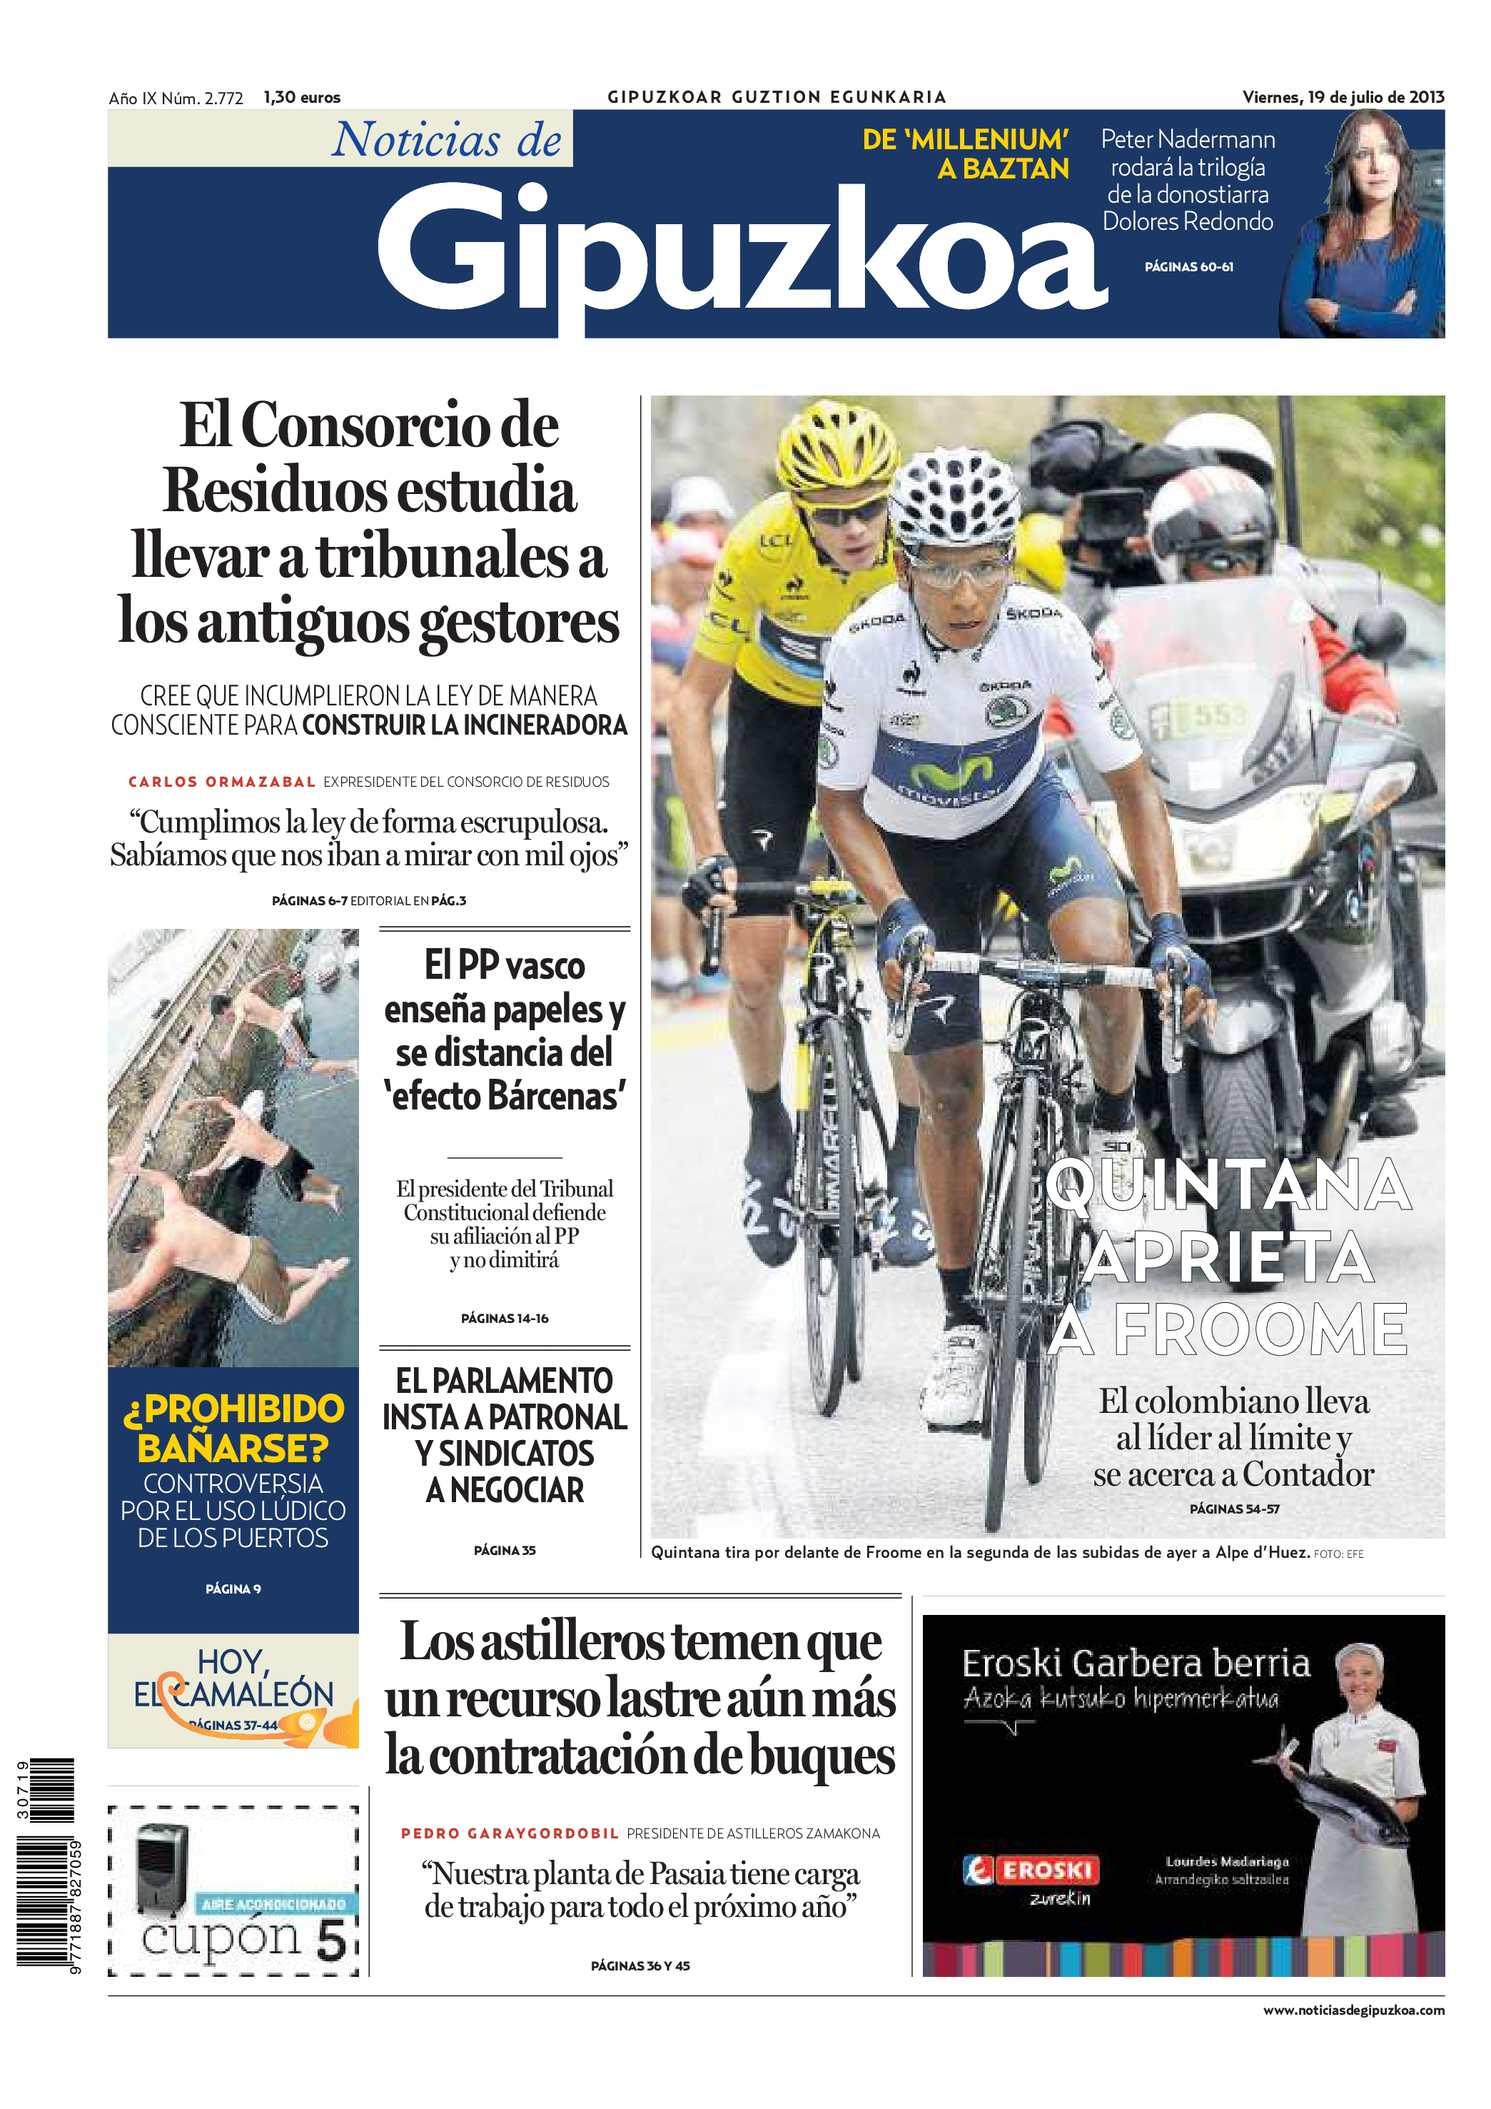 2c17fce9579 Calaméo - Noticias de Gipuzkoa 20130719